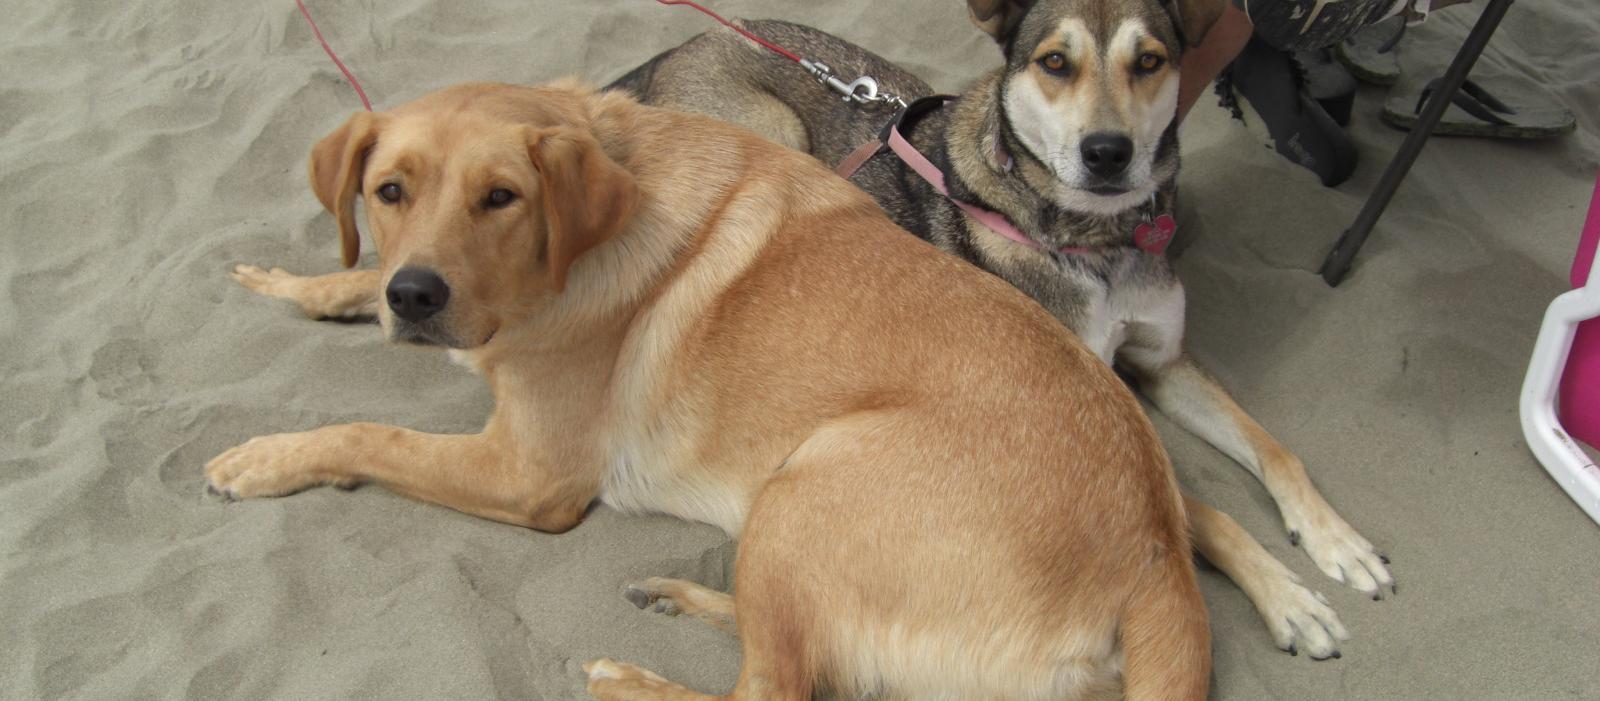 Dog Friendly Cayucos, CA - Bring Fido